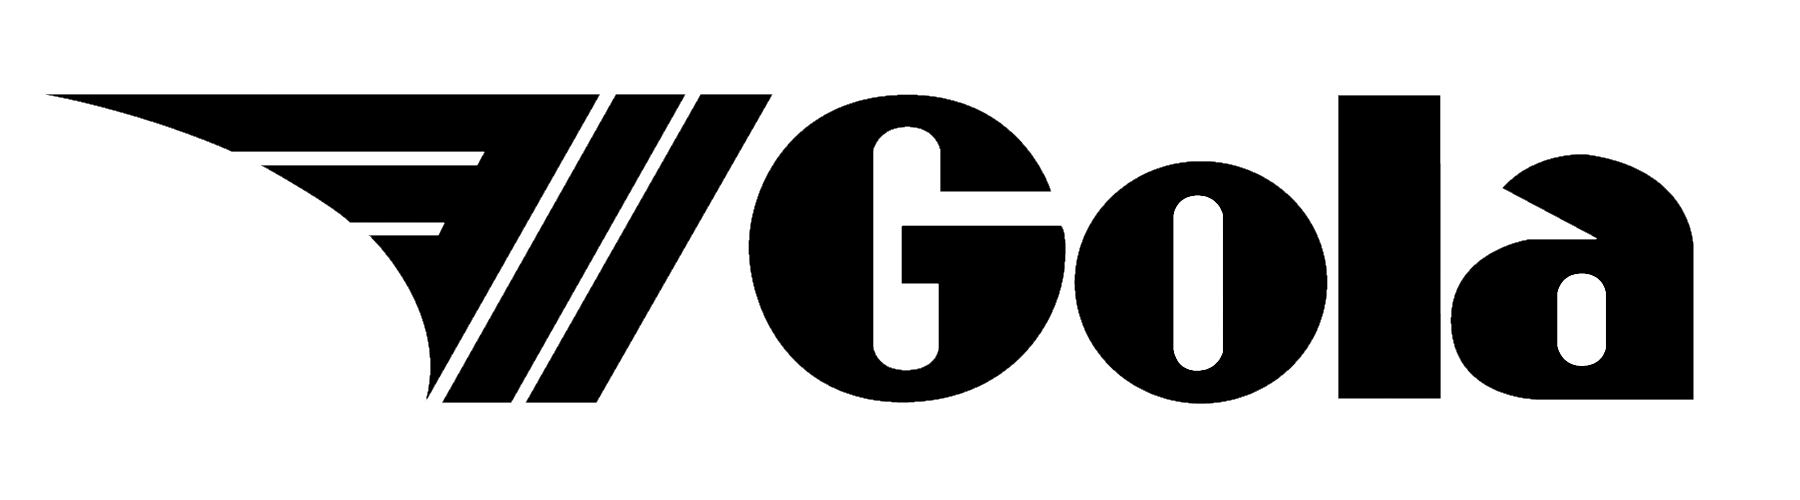 Gola – Logos Download